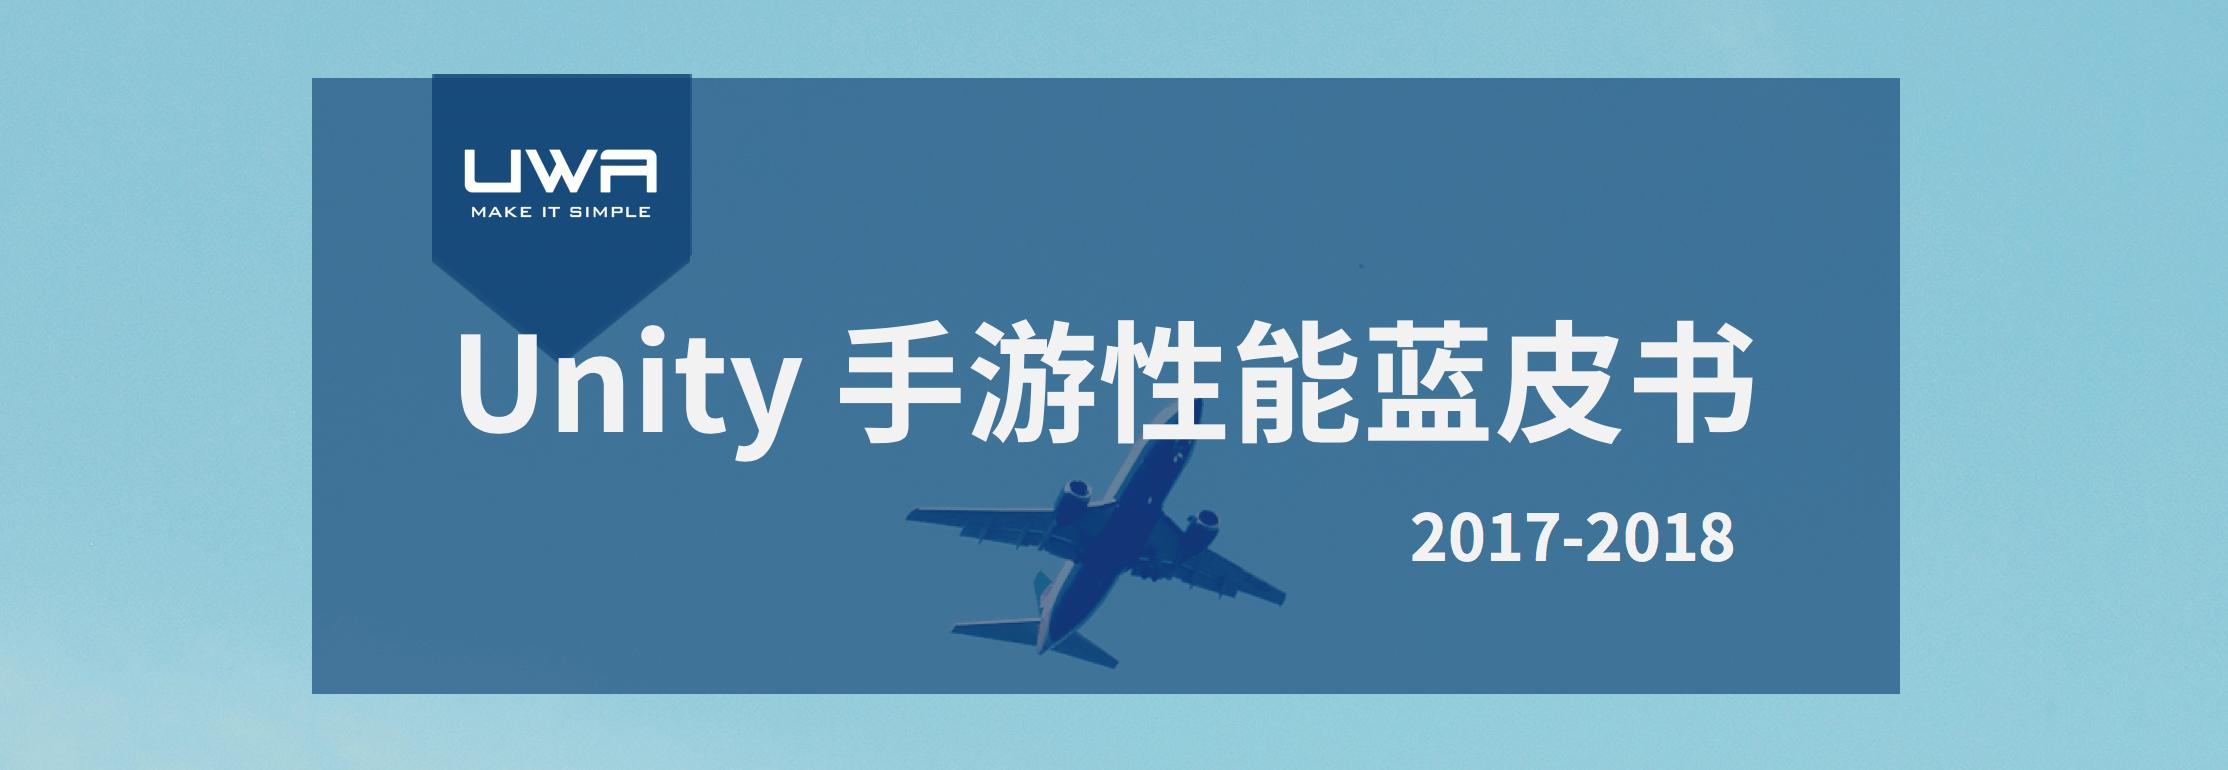 UWA发布 | Unity手游体检蓝皮书